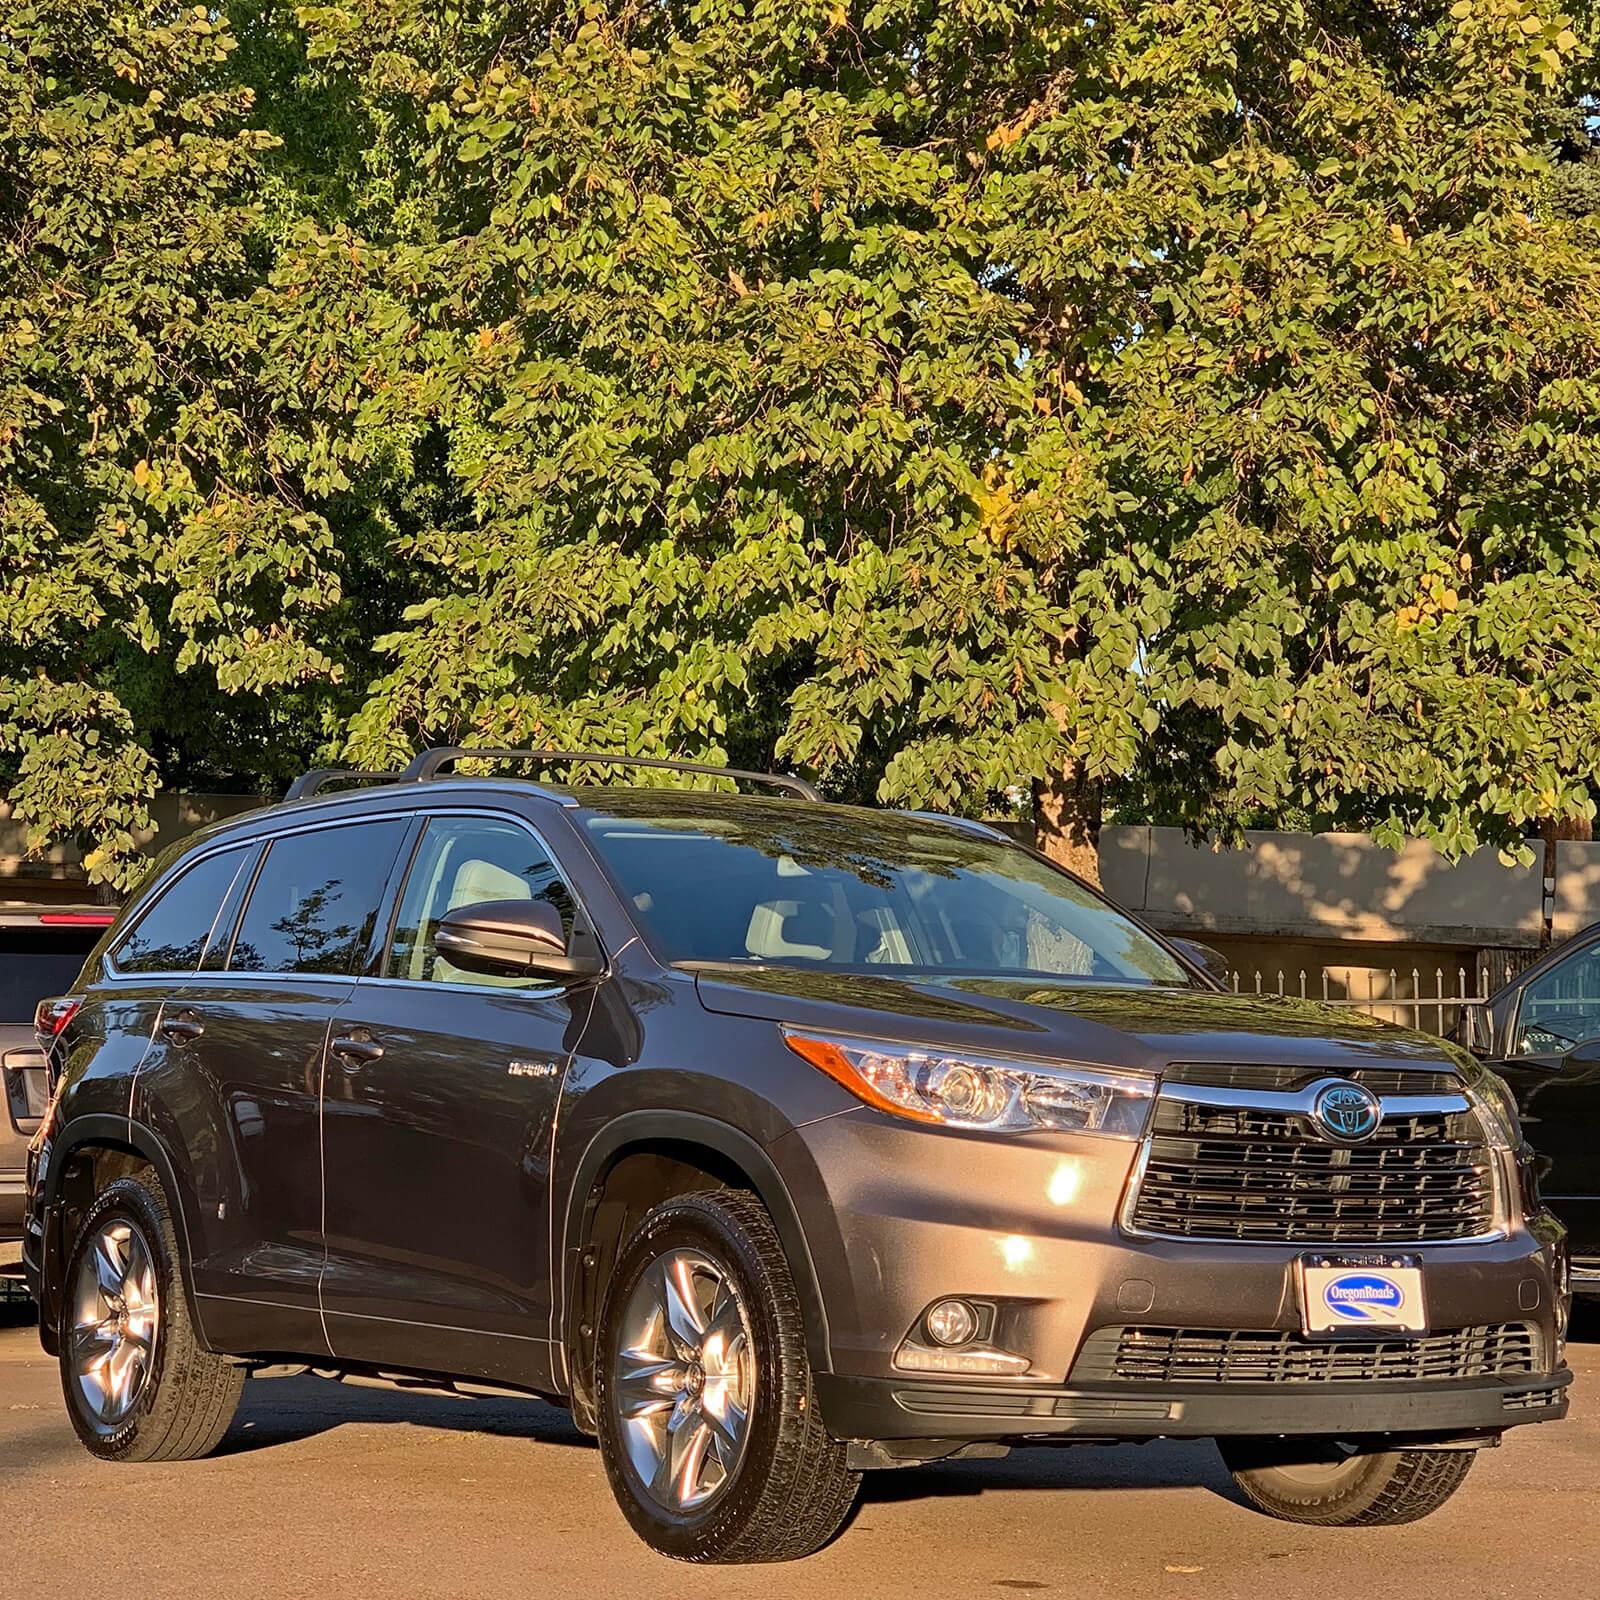 2015 Toyota Highlander Platinum Hybrid